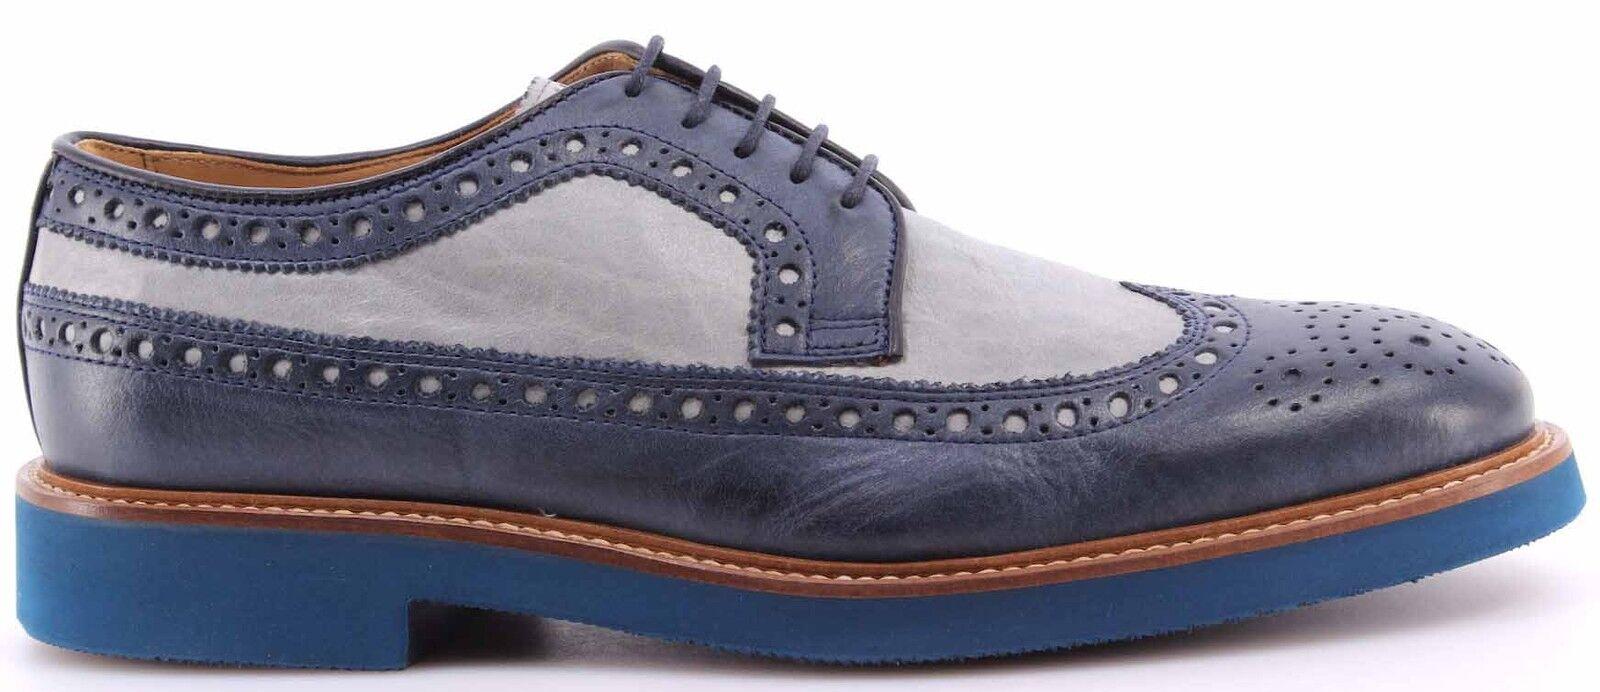 Herren Schuhe Business Blau LA MARTINA L3025206 Opus Blau Business Opus Perla Made  Neu f1dcc8